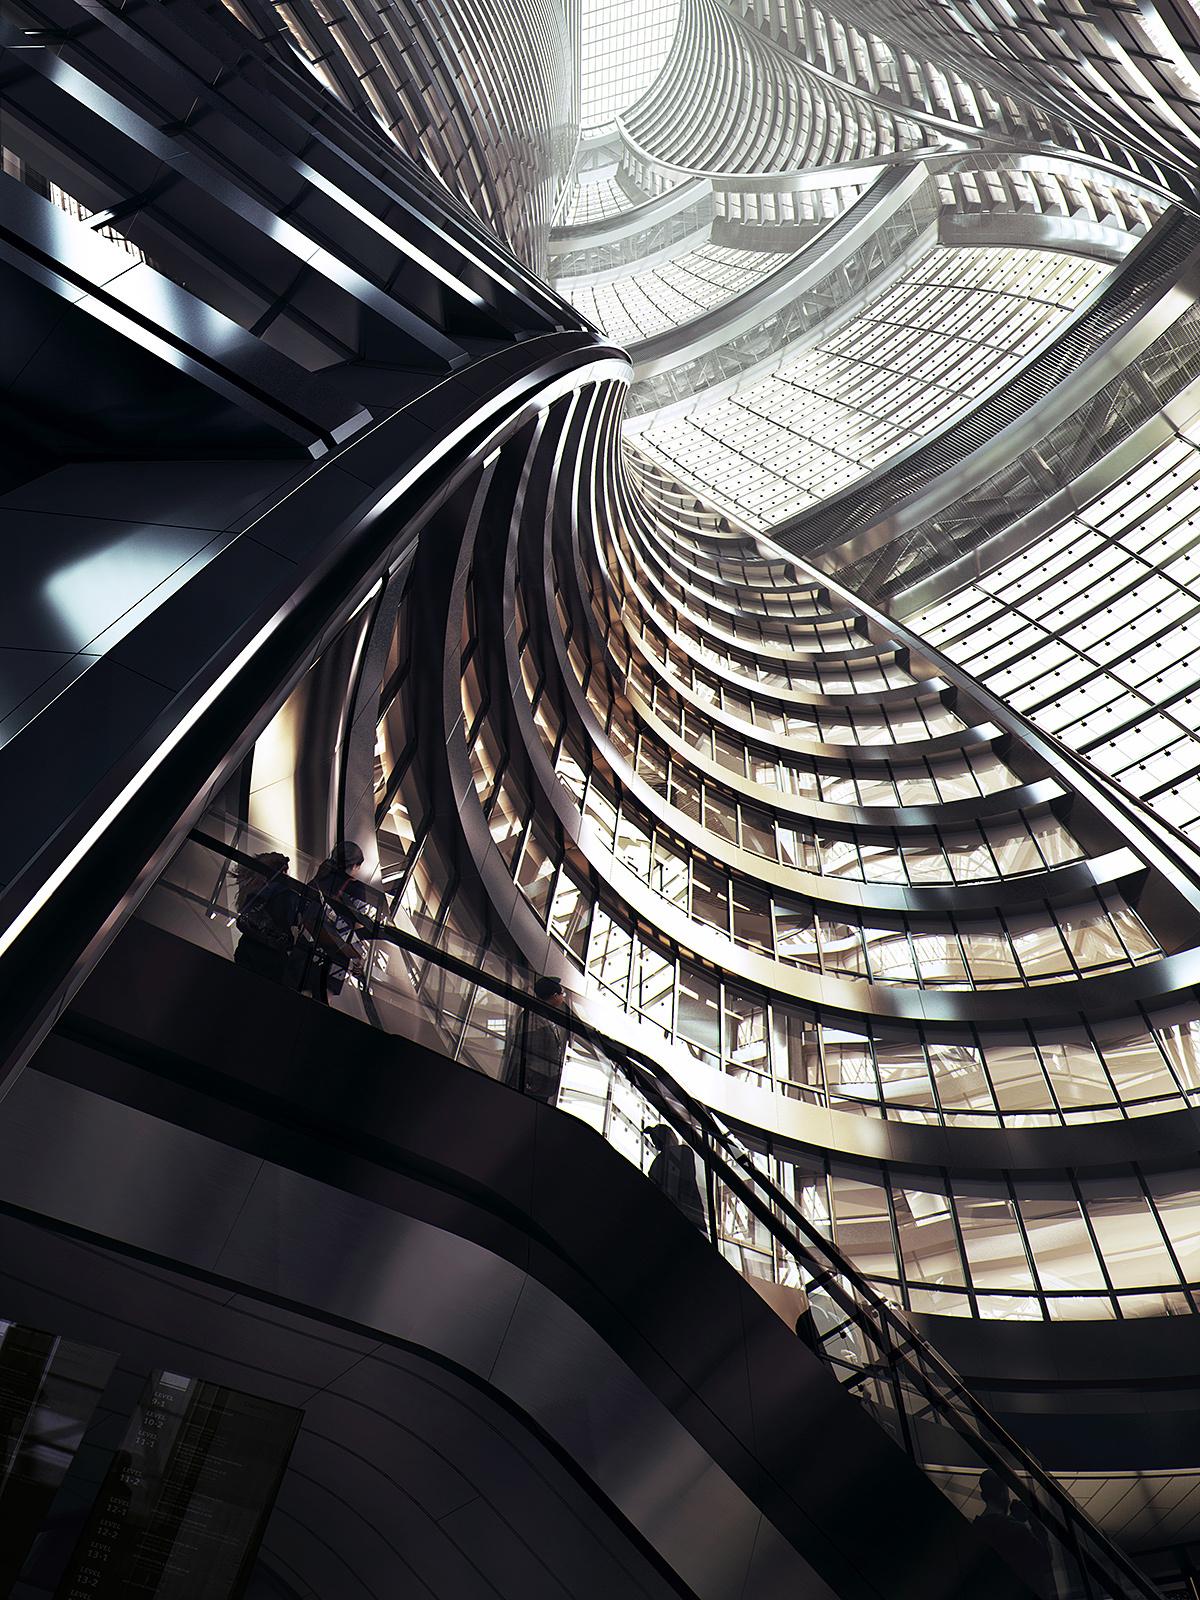 Leeza SOHO, Atrium rendering by MIR. Image courtesy of Zaha Hadid Architects.